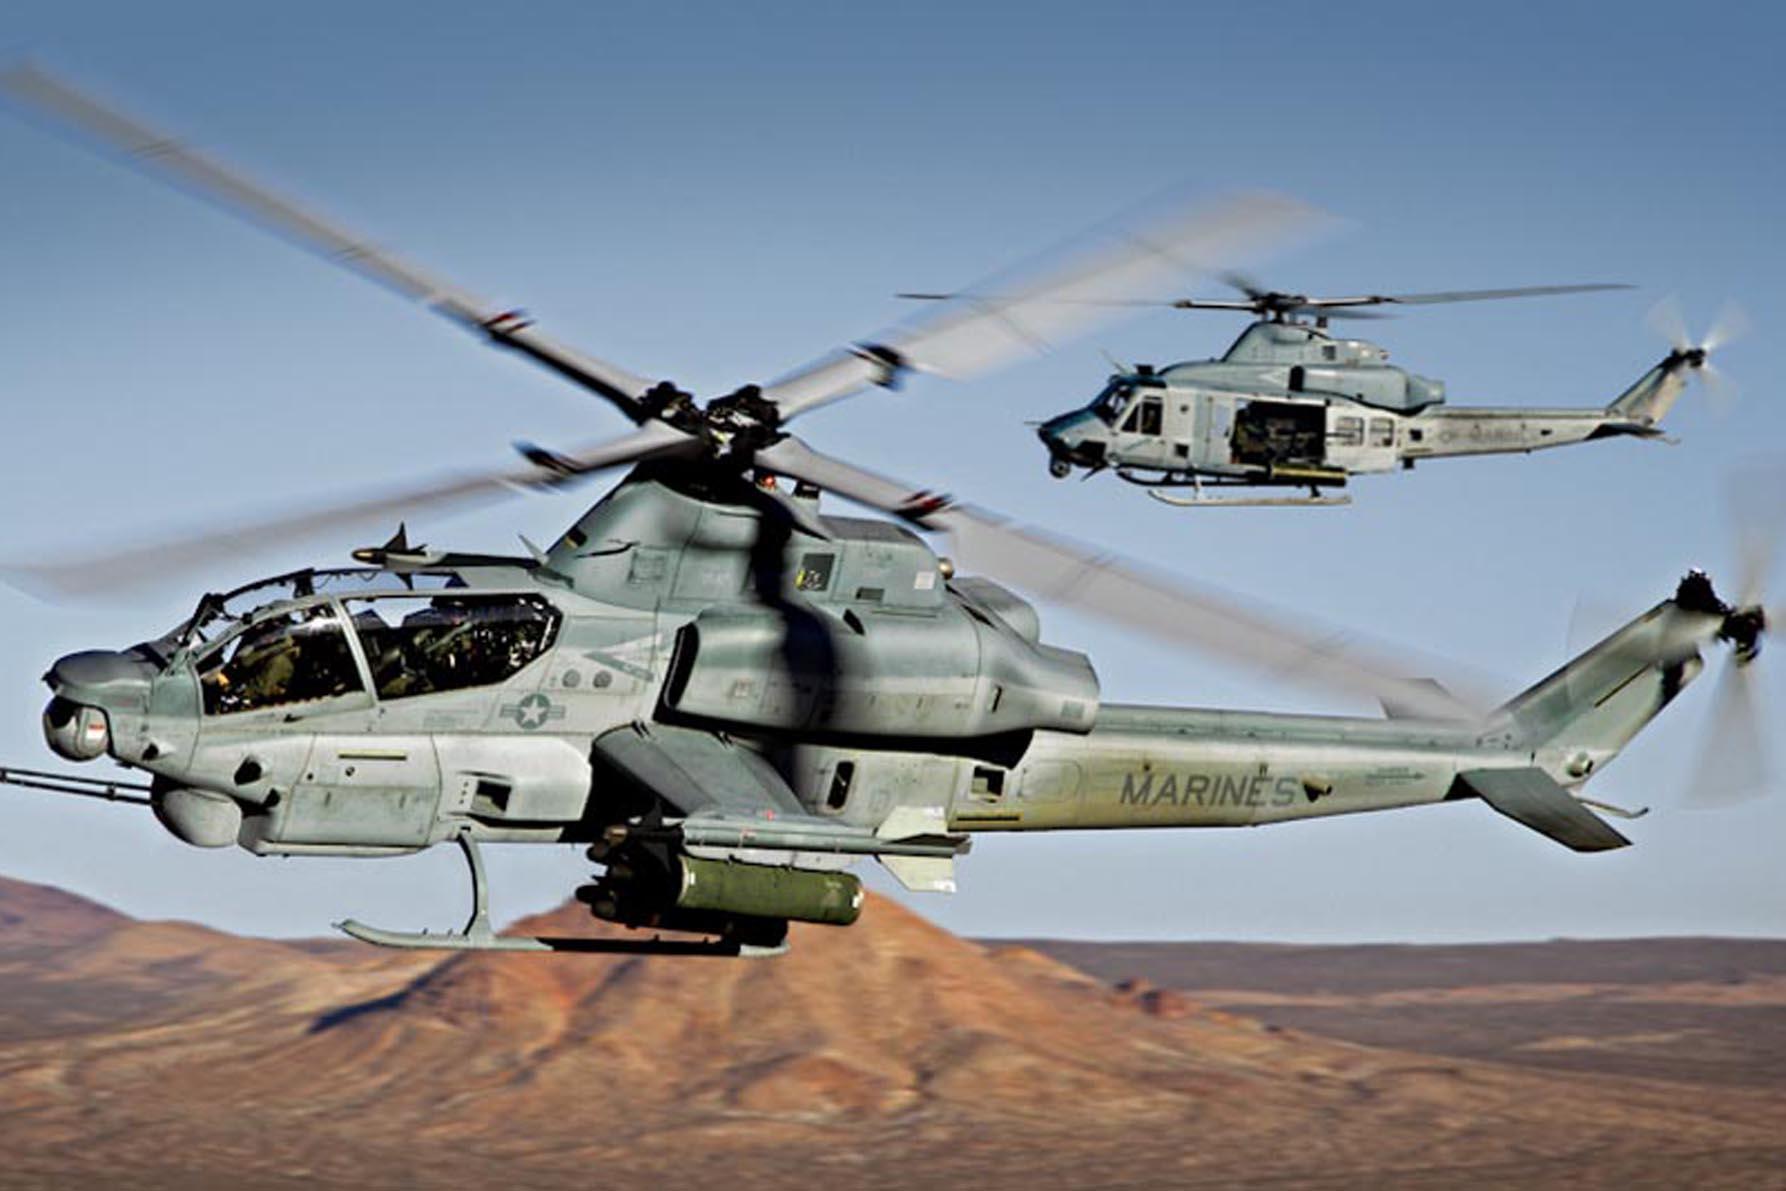 Коллекционная модель - Вертолет AH-1Z Cobra™ , США, 1:72Военная техника<br>Коллекционная модель - Вертолет AH-1Z Cobra™ , США, 1:72<br>